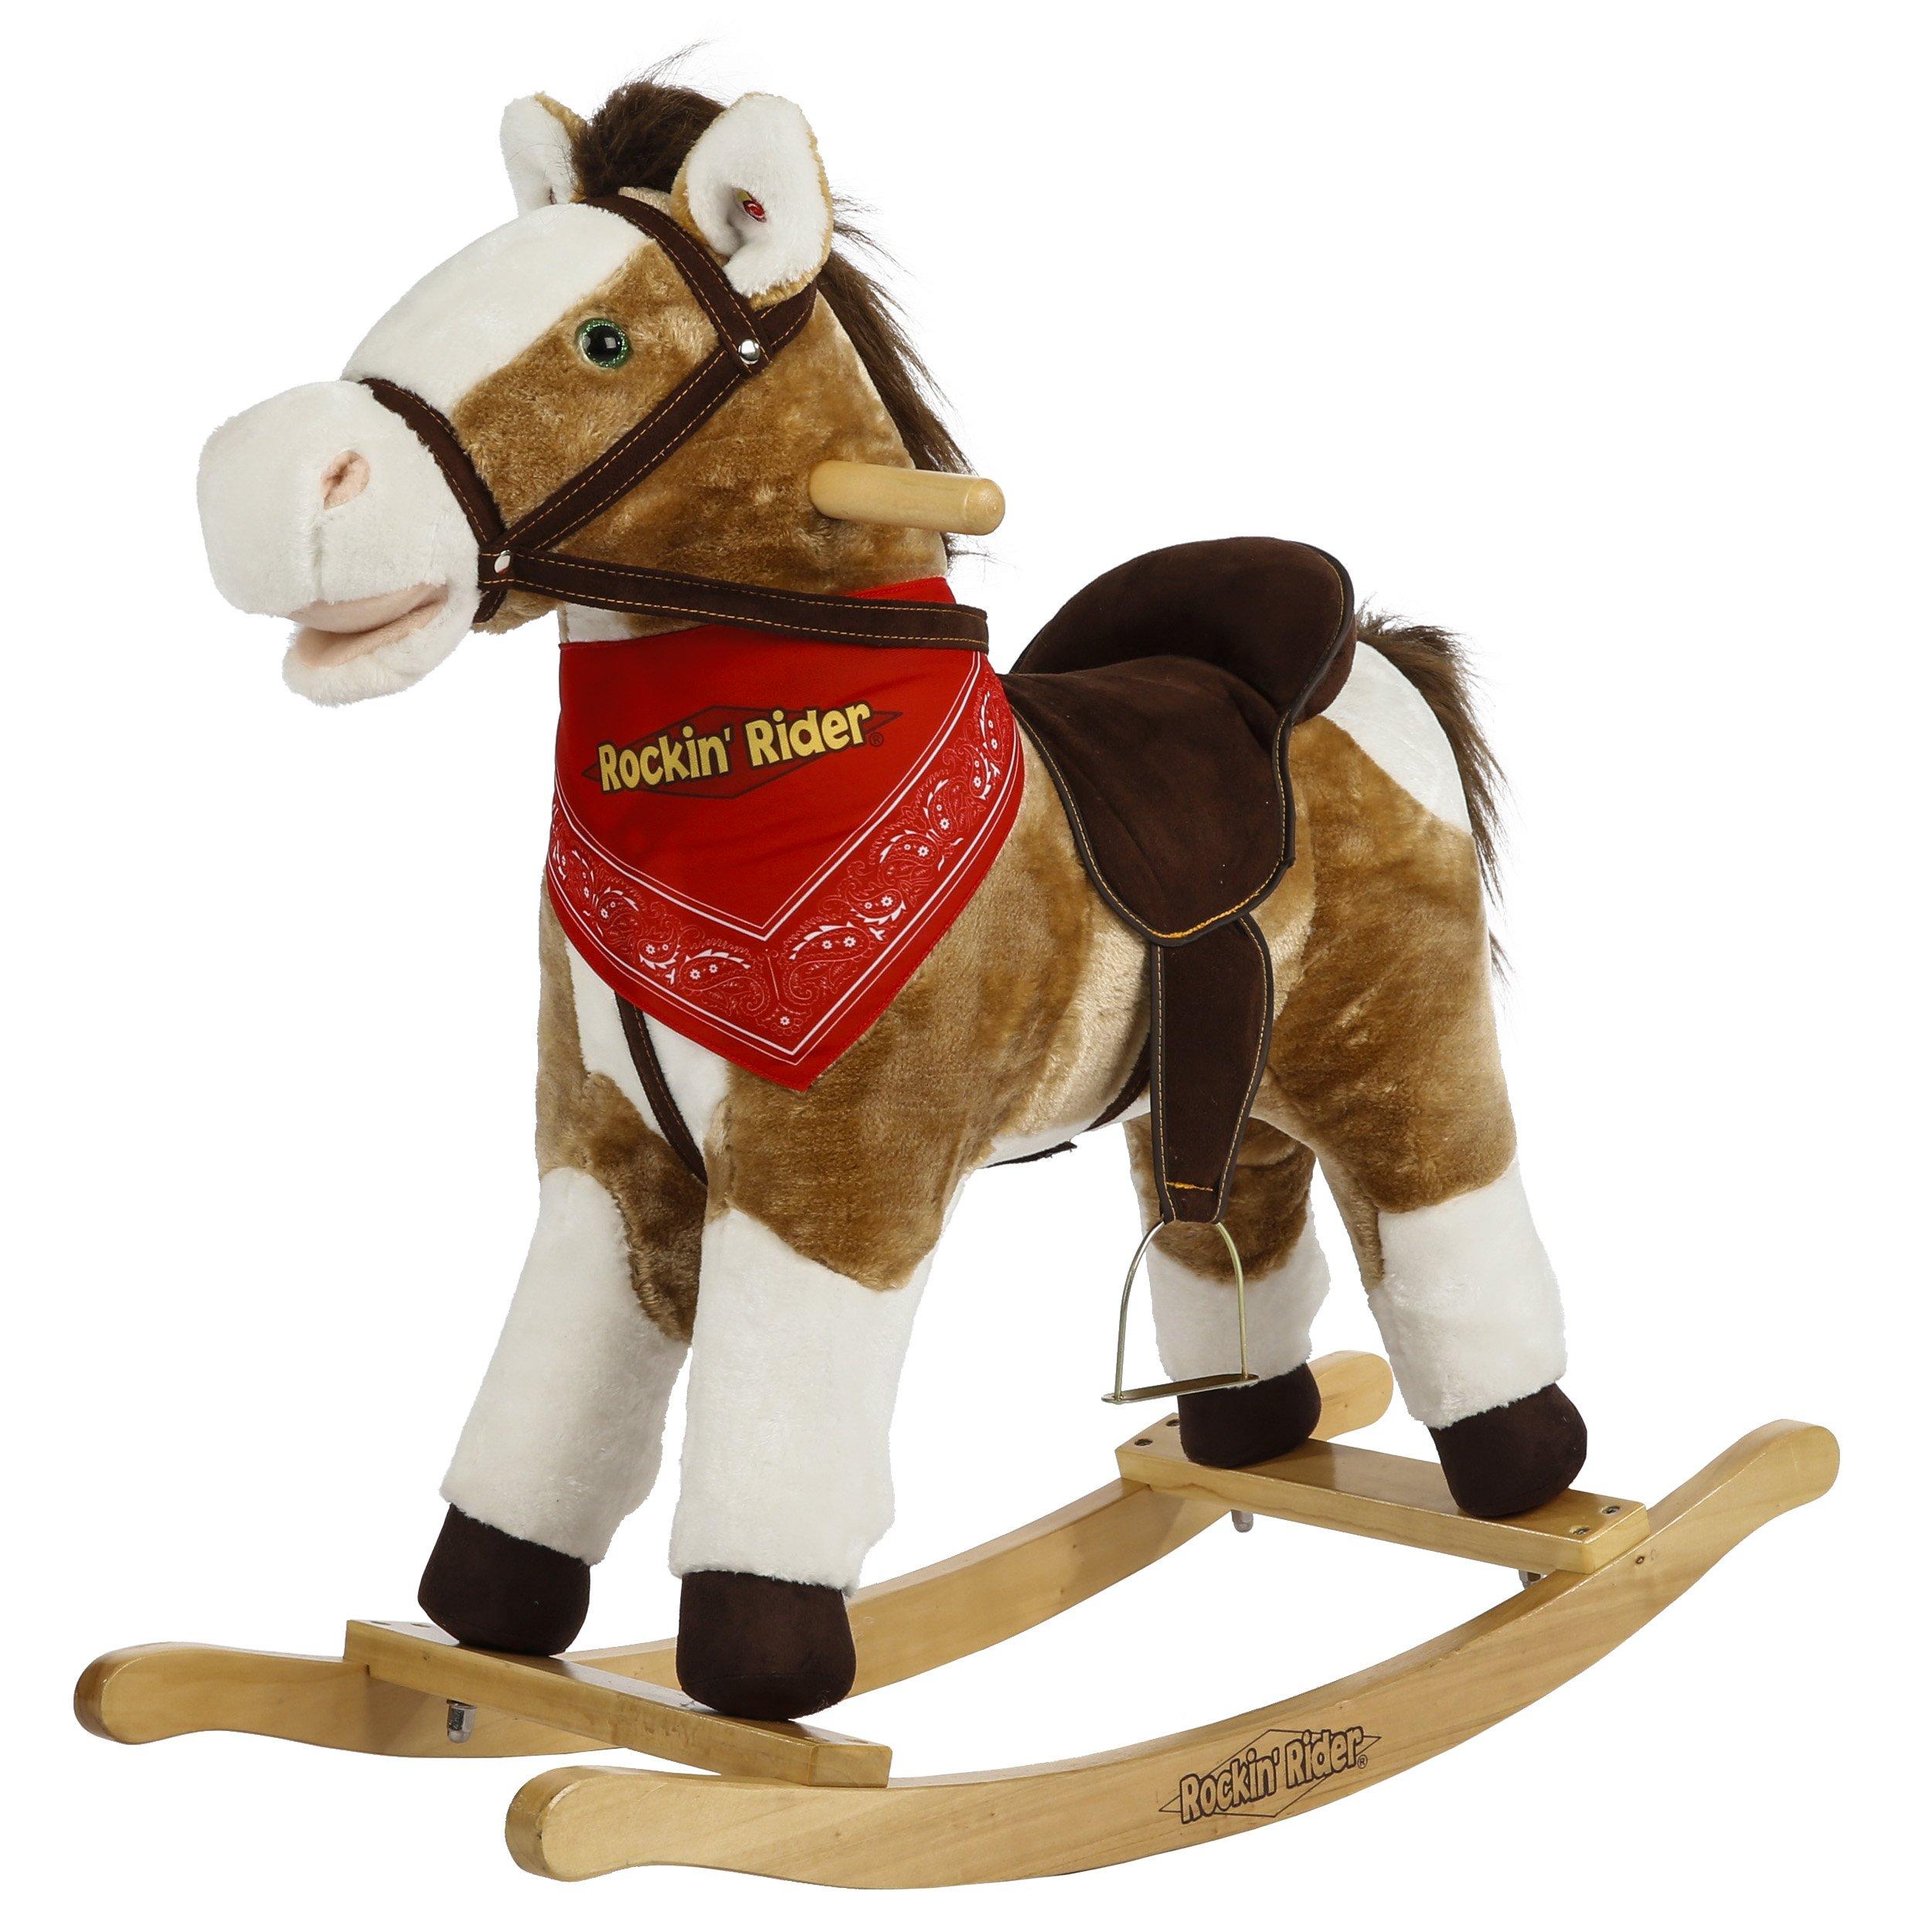 Cheap Rockin Rider, find Rockin Rider deals on line at Alibaba.com